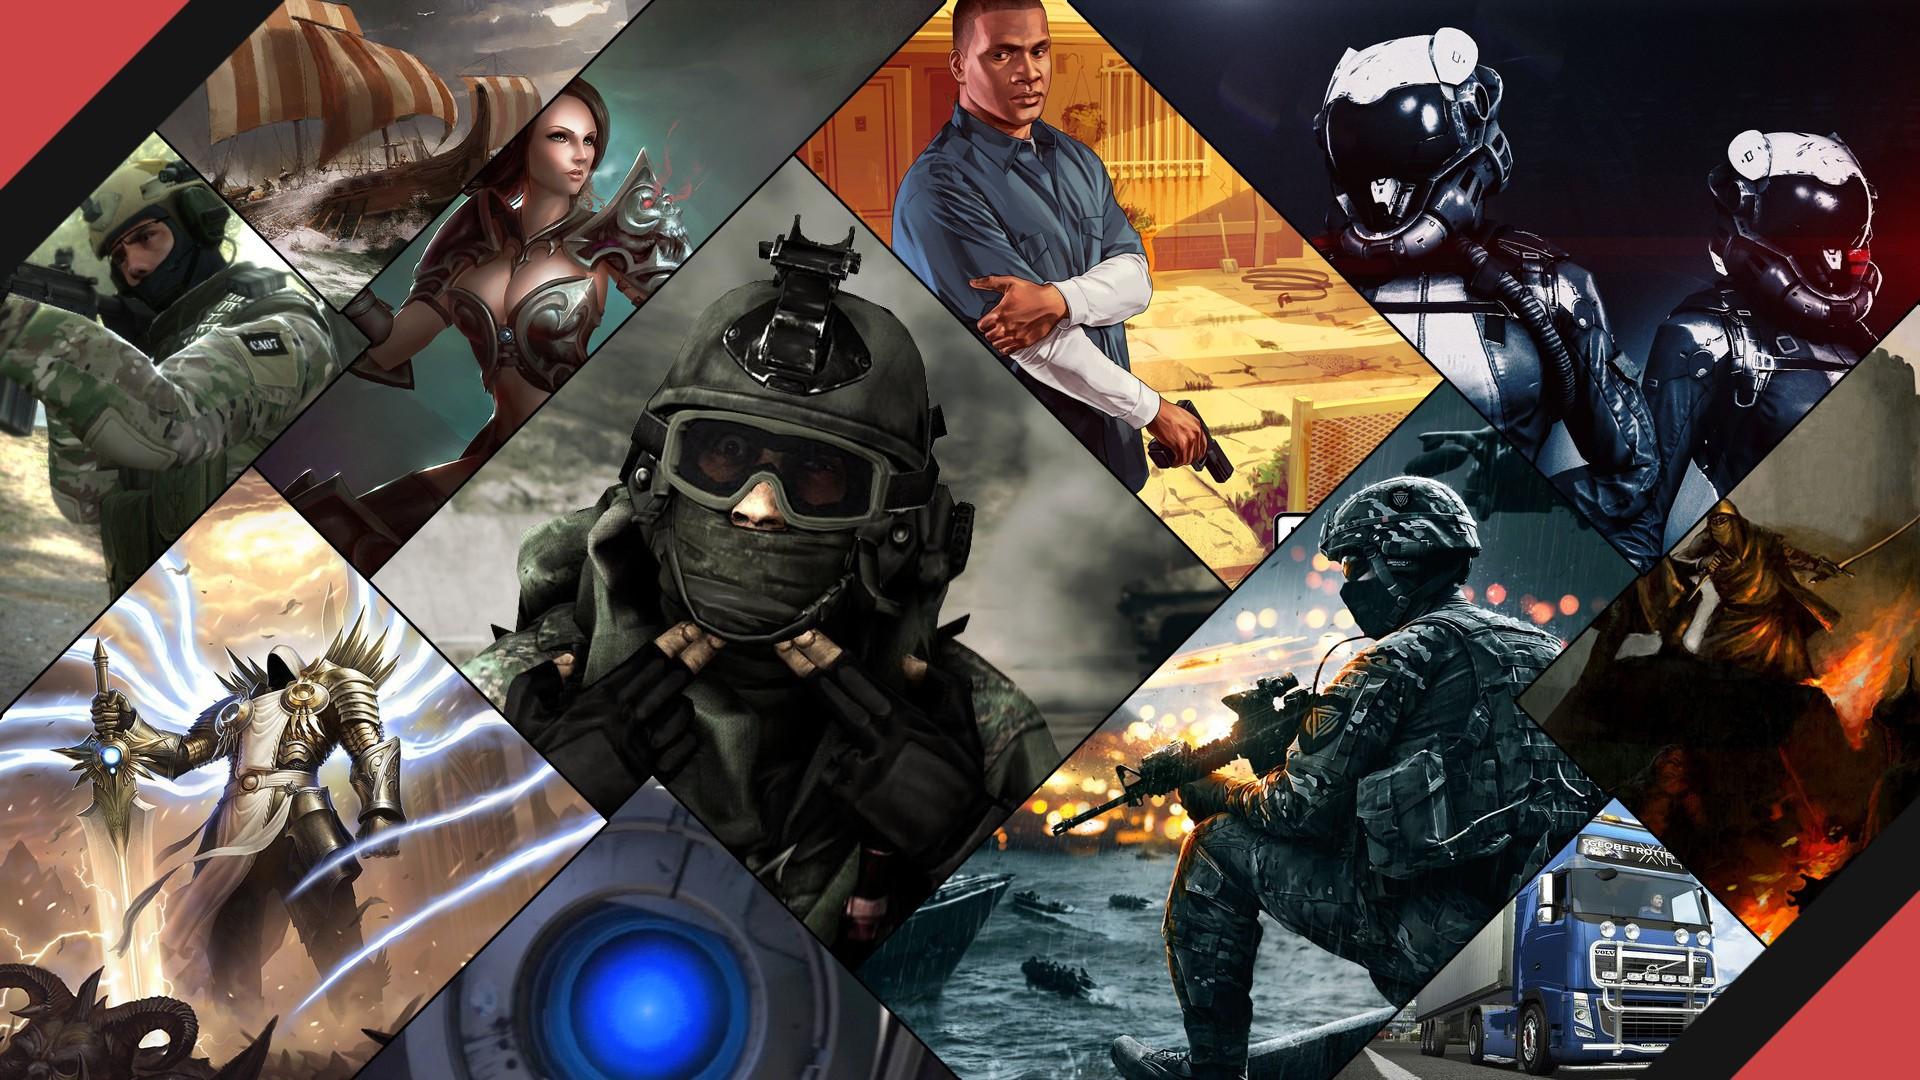 картинки с игровой тематикой